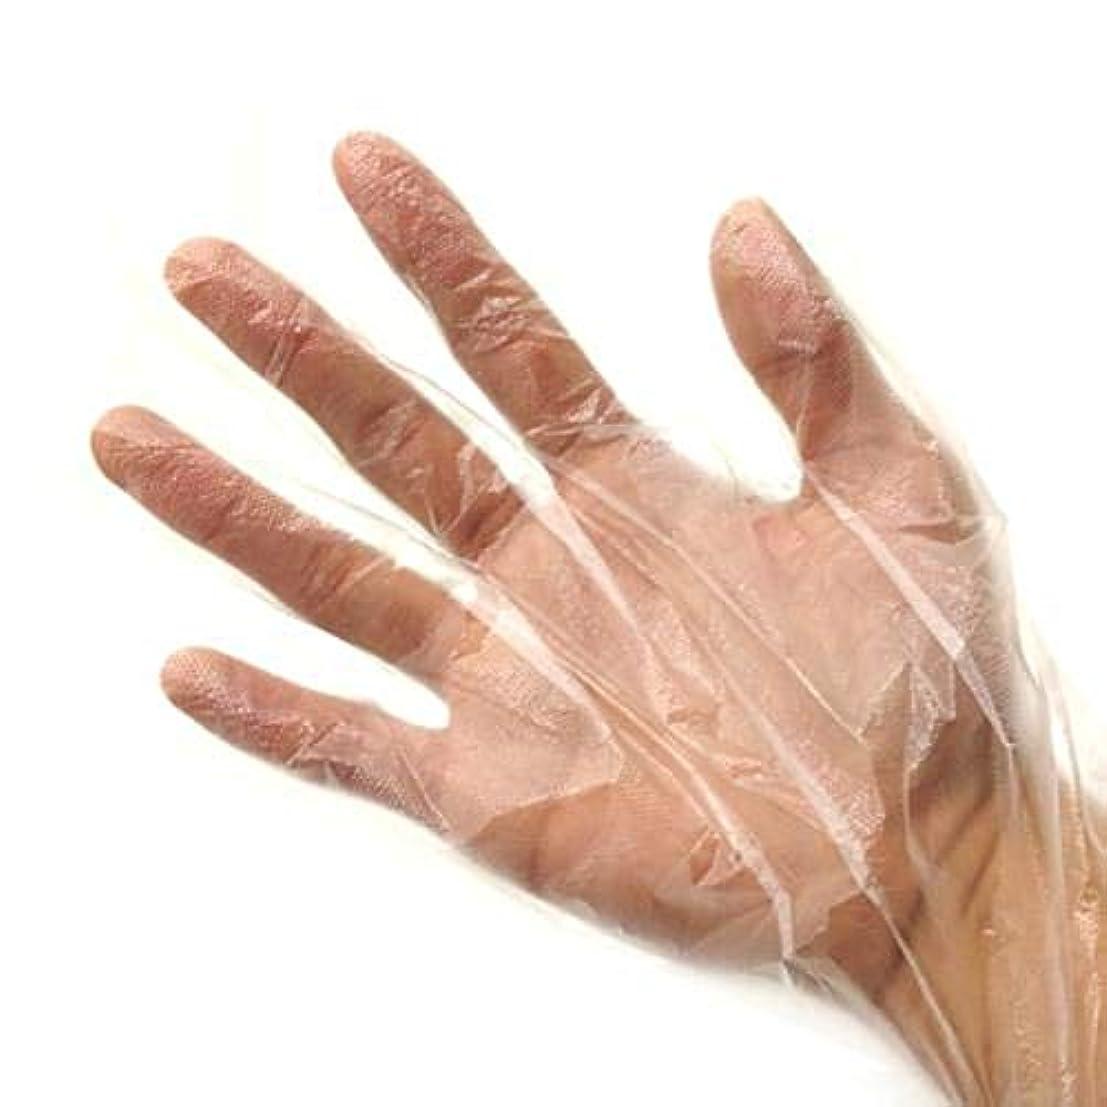 アルコーブ納屋サーバント使い捨て手袋 極薄ビニール手袋 調理 透明 実用 衛生 100枚入